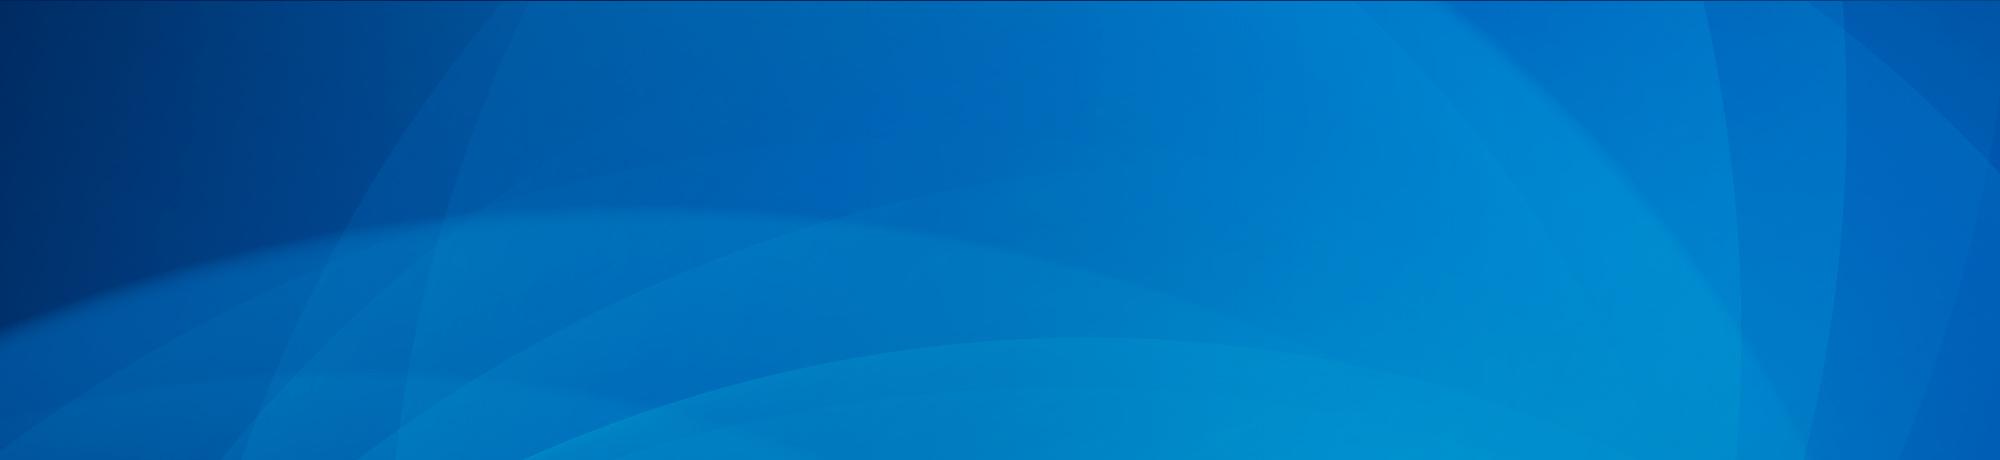 auto_bg_desktop